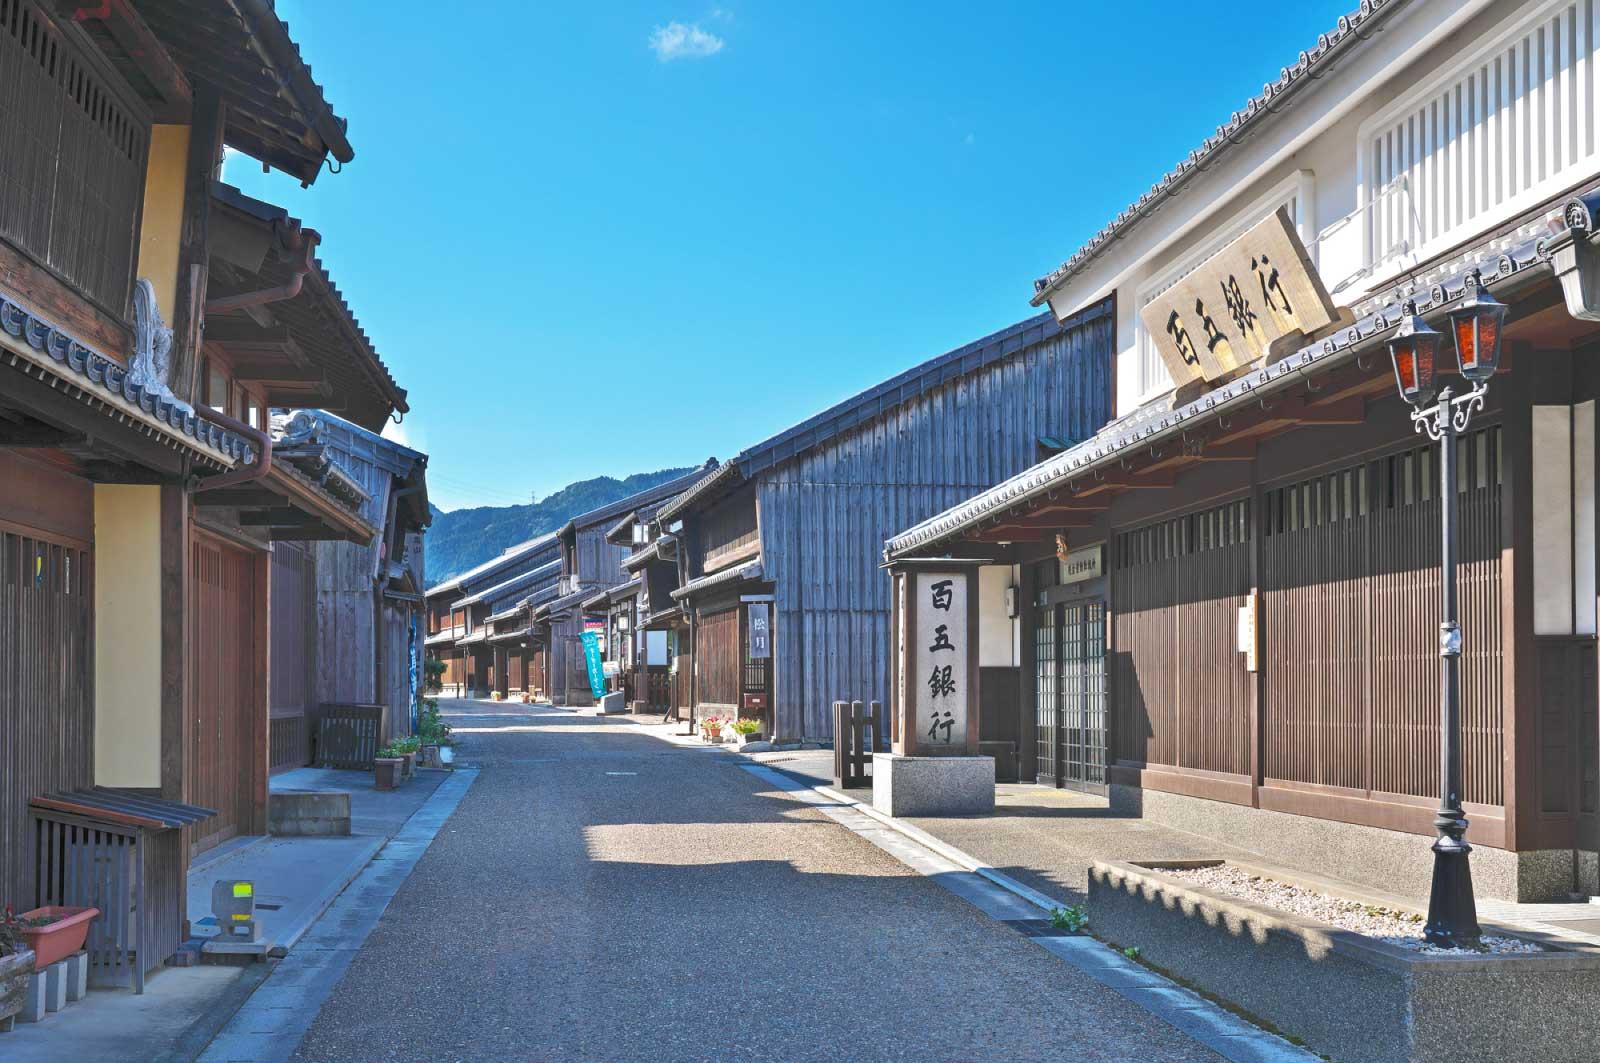 東海道には53次と呼ばれる53の宿場町が街道沿いに整備